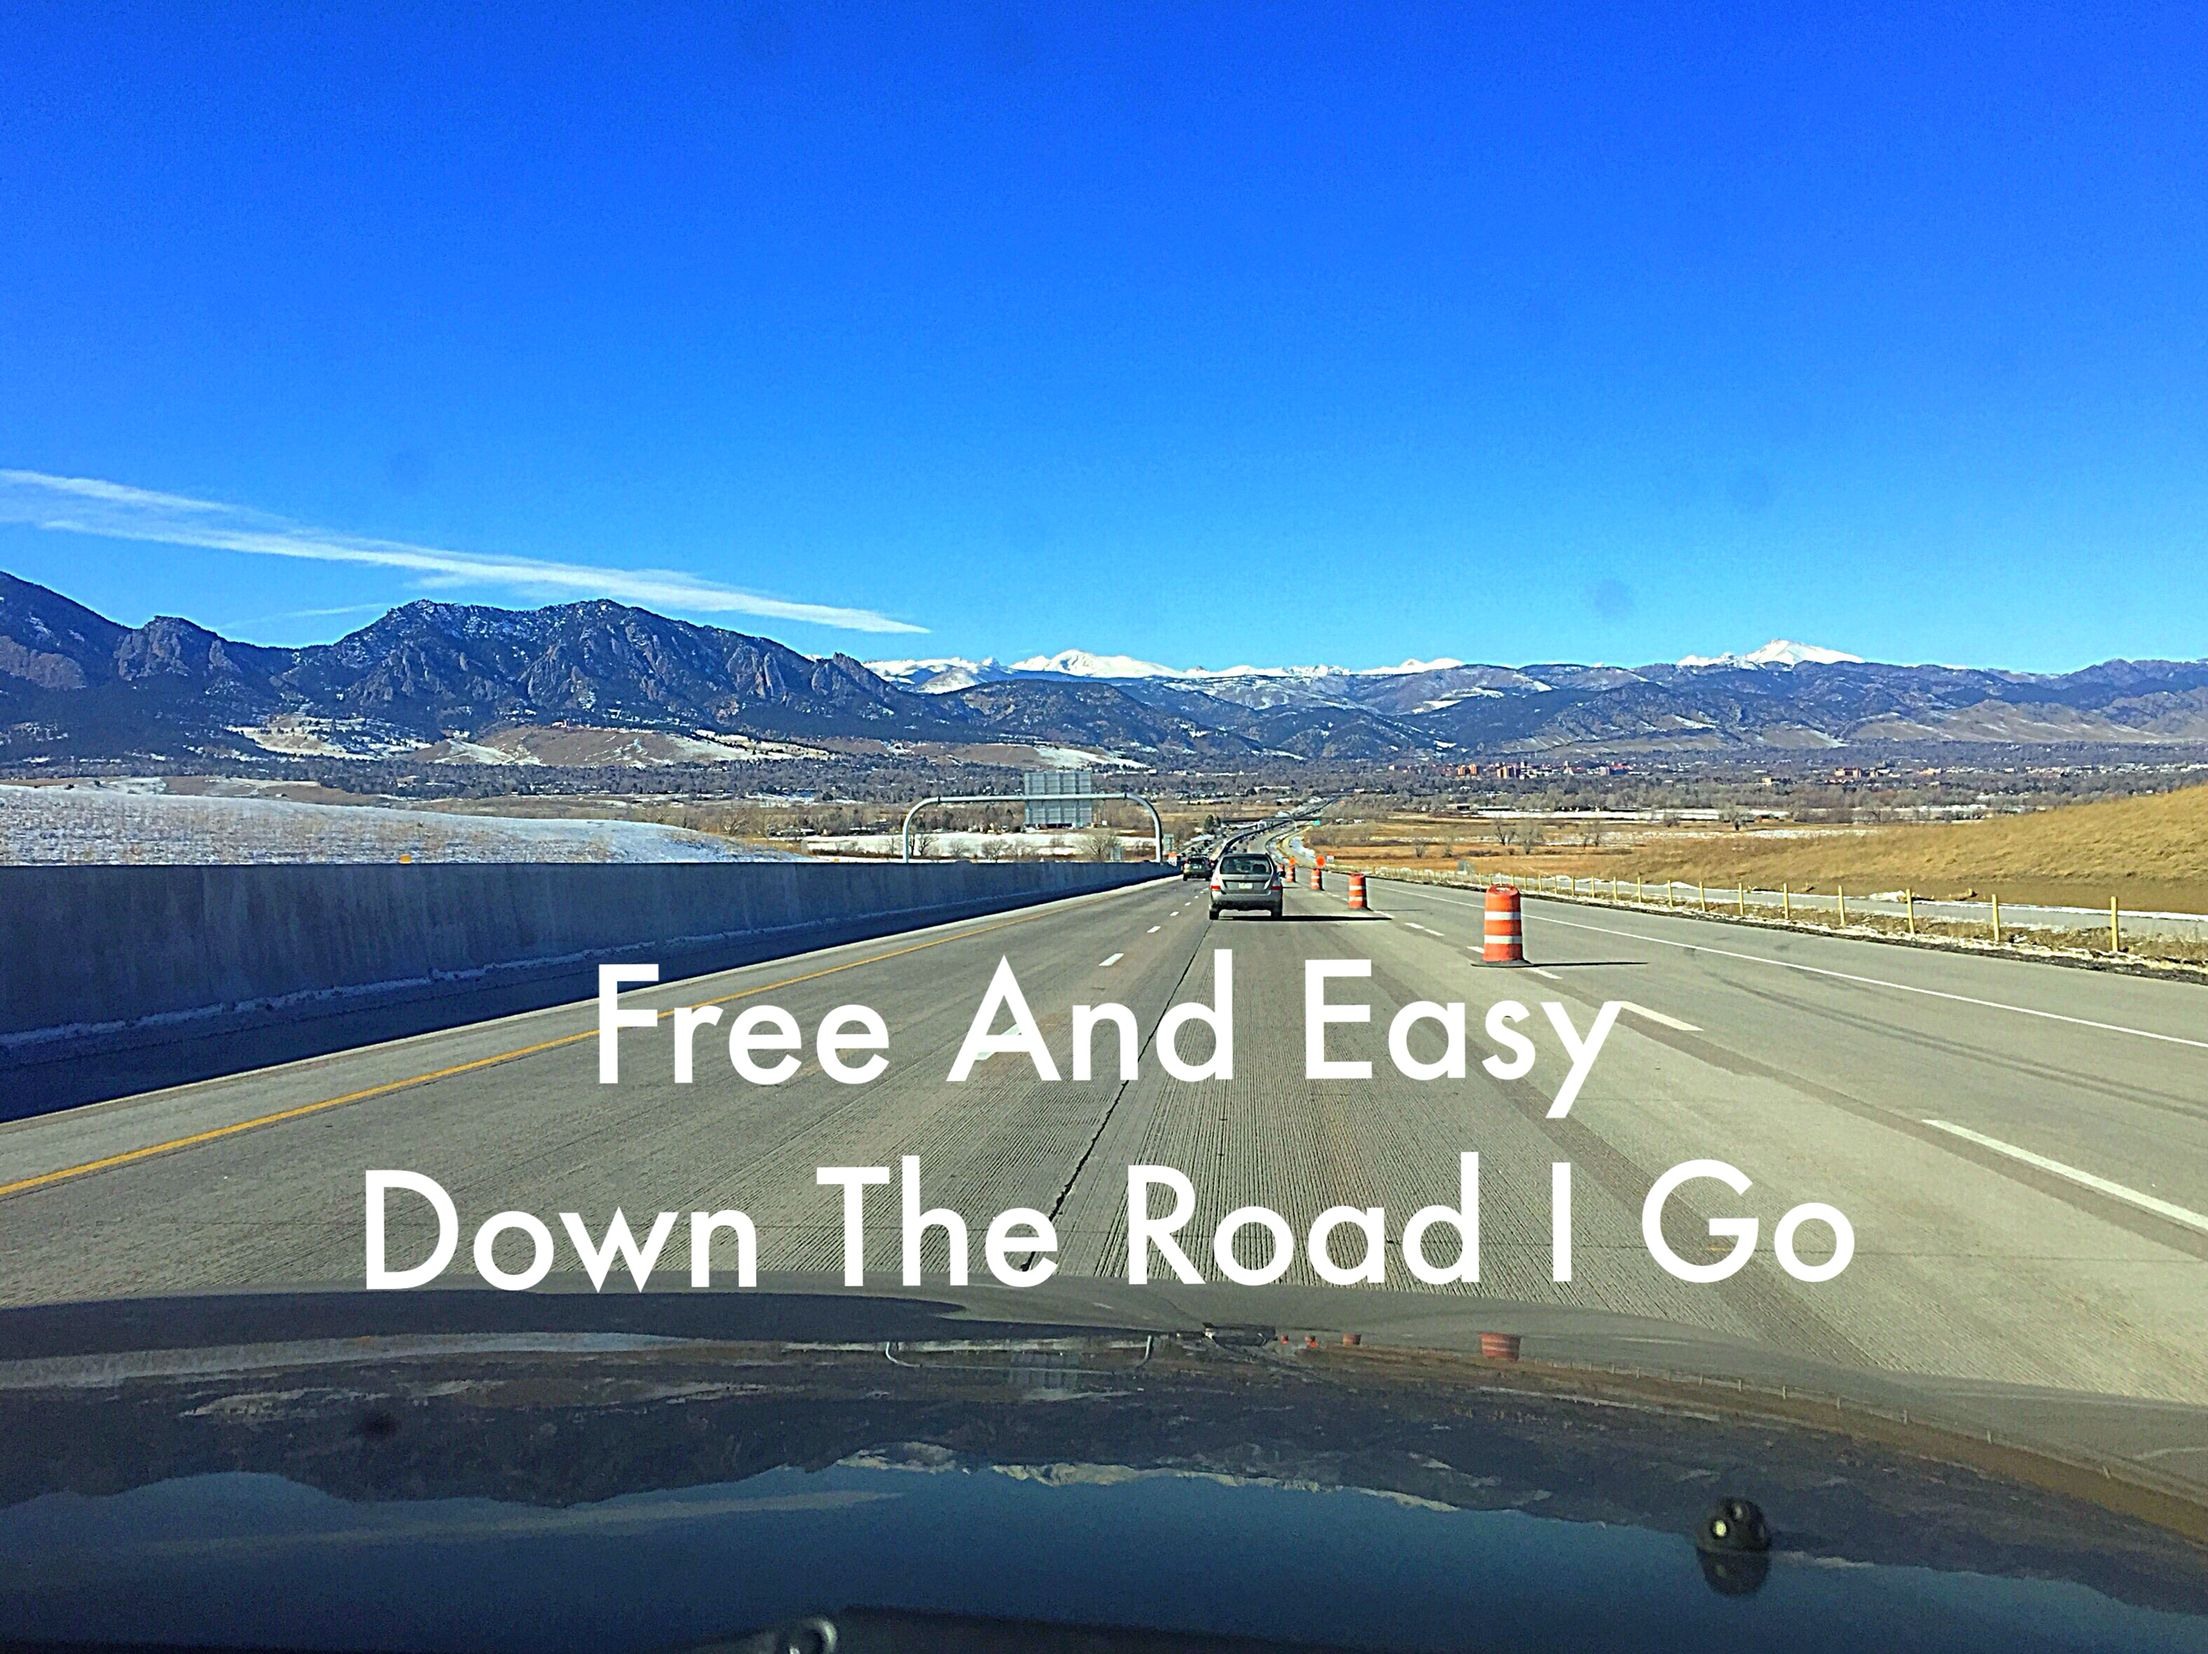 Dierks Bentley Free And Easy Down The Road I Go Dierksbentley Freeandeasydowntheroadigo Country Music Lyrics Country Music Country Songs